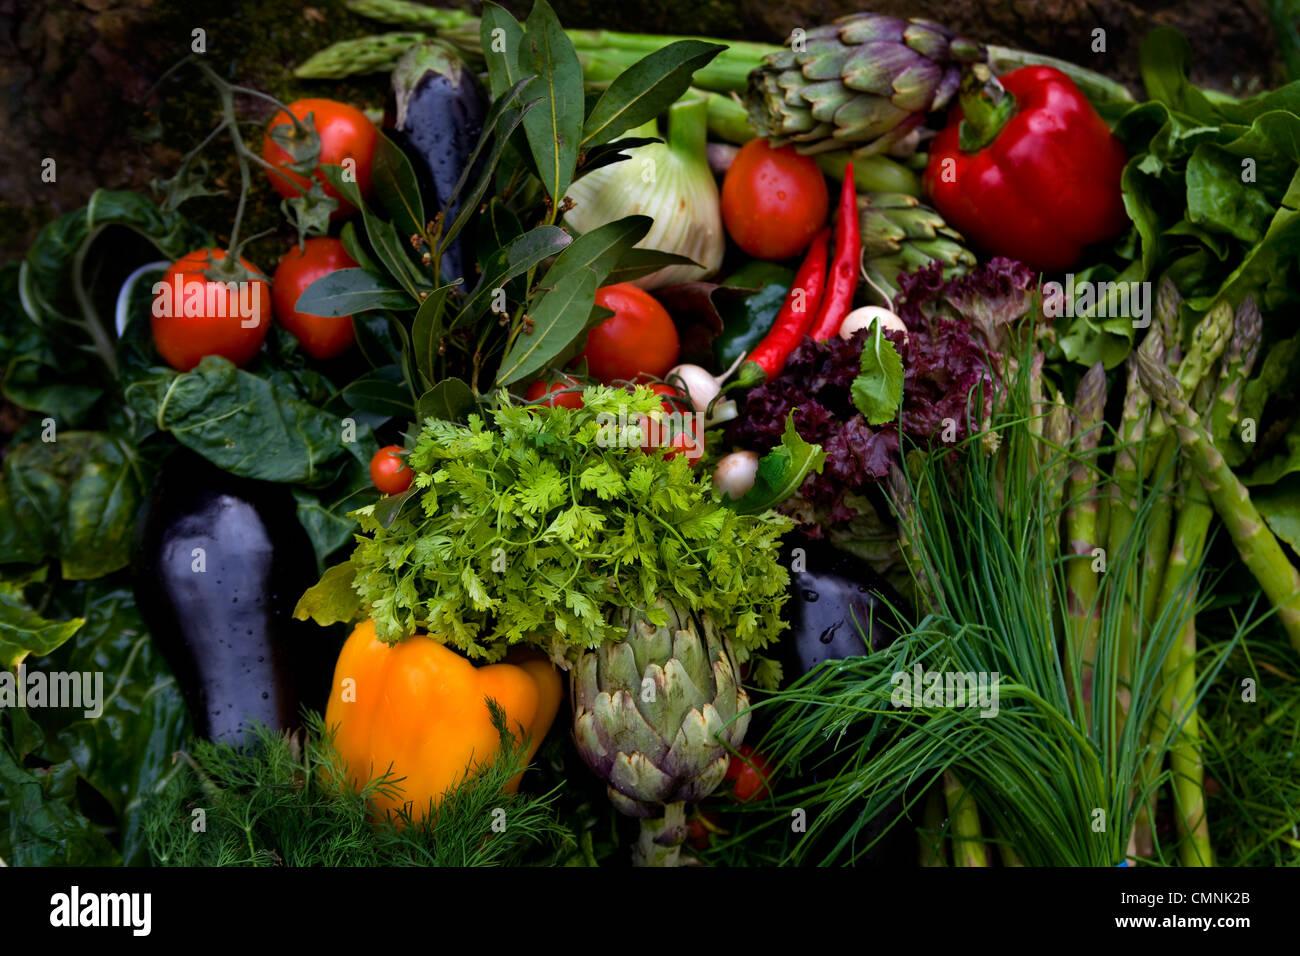 A pile of fresh garden vegetables Stock Photo